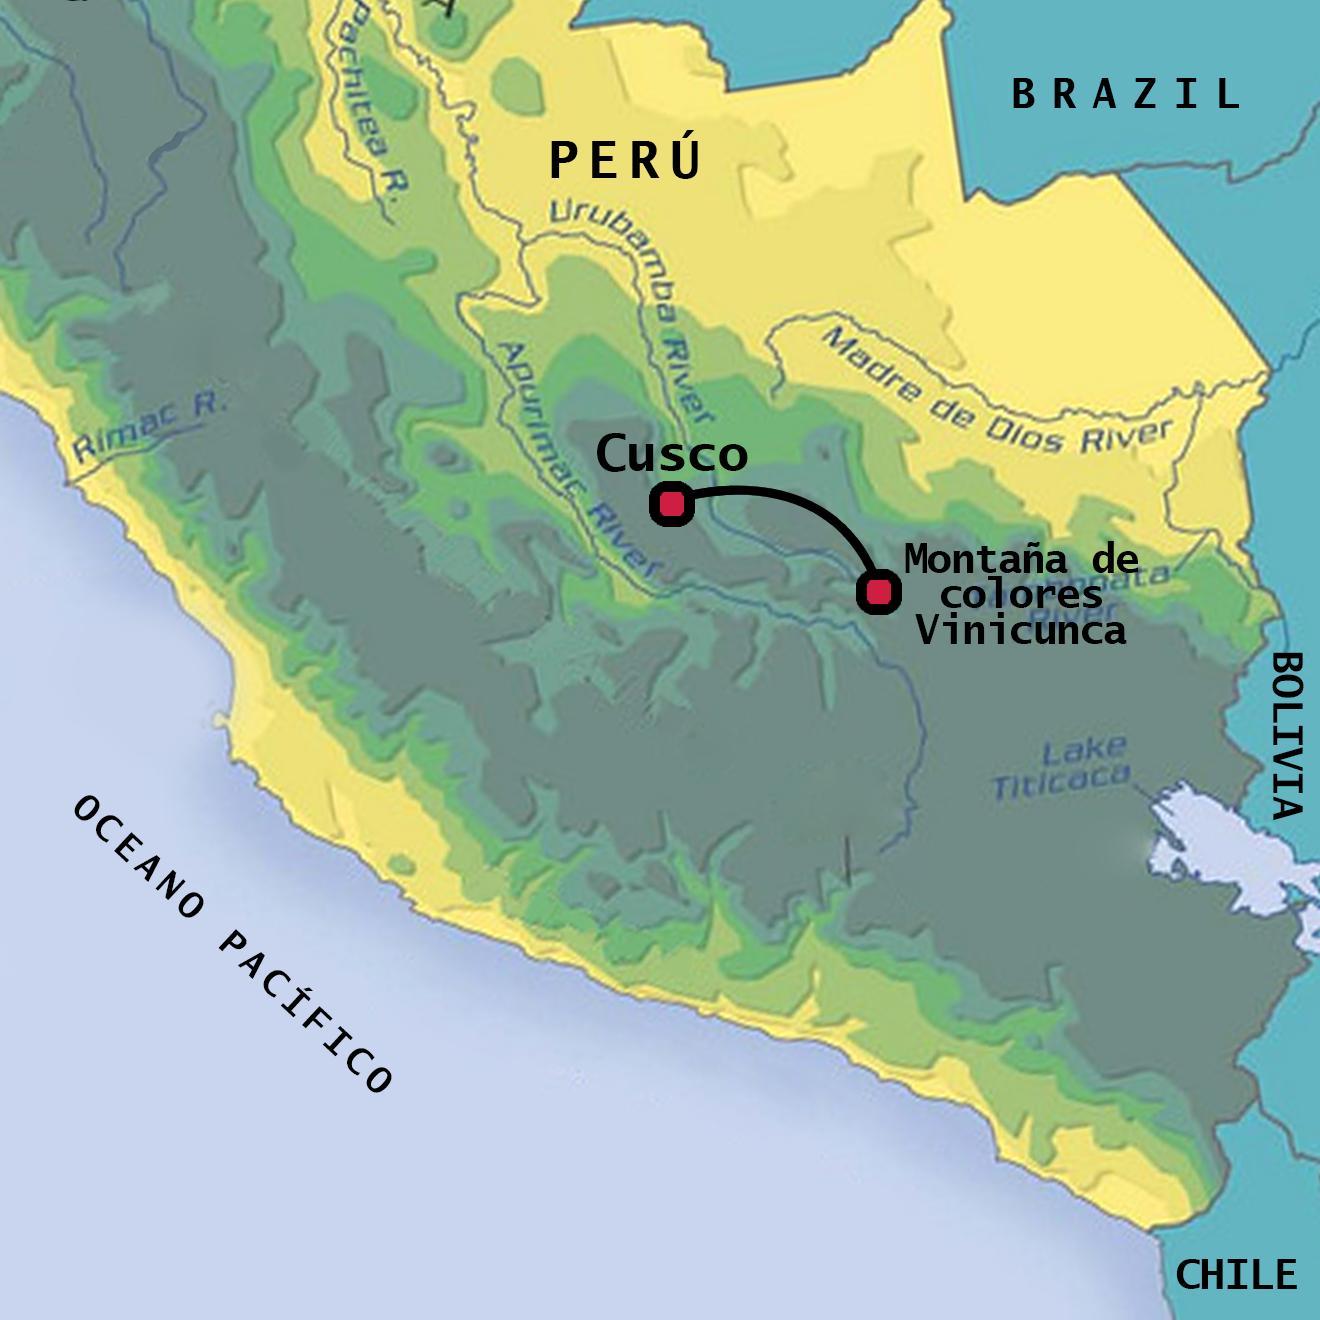 peru térkép Szivárvány hegy Peru térkép   Vinicunca Peru térkép (Dél Amerika  peru térkép